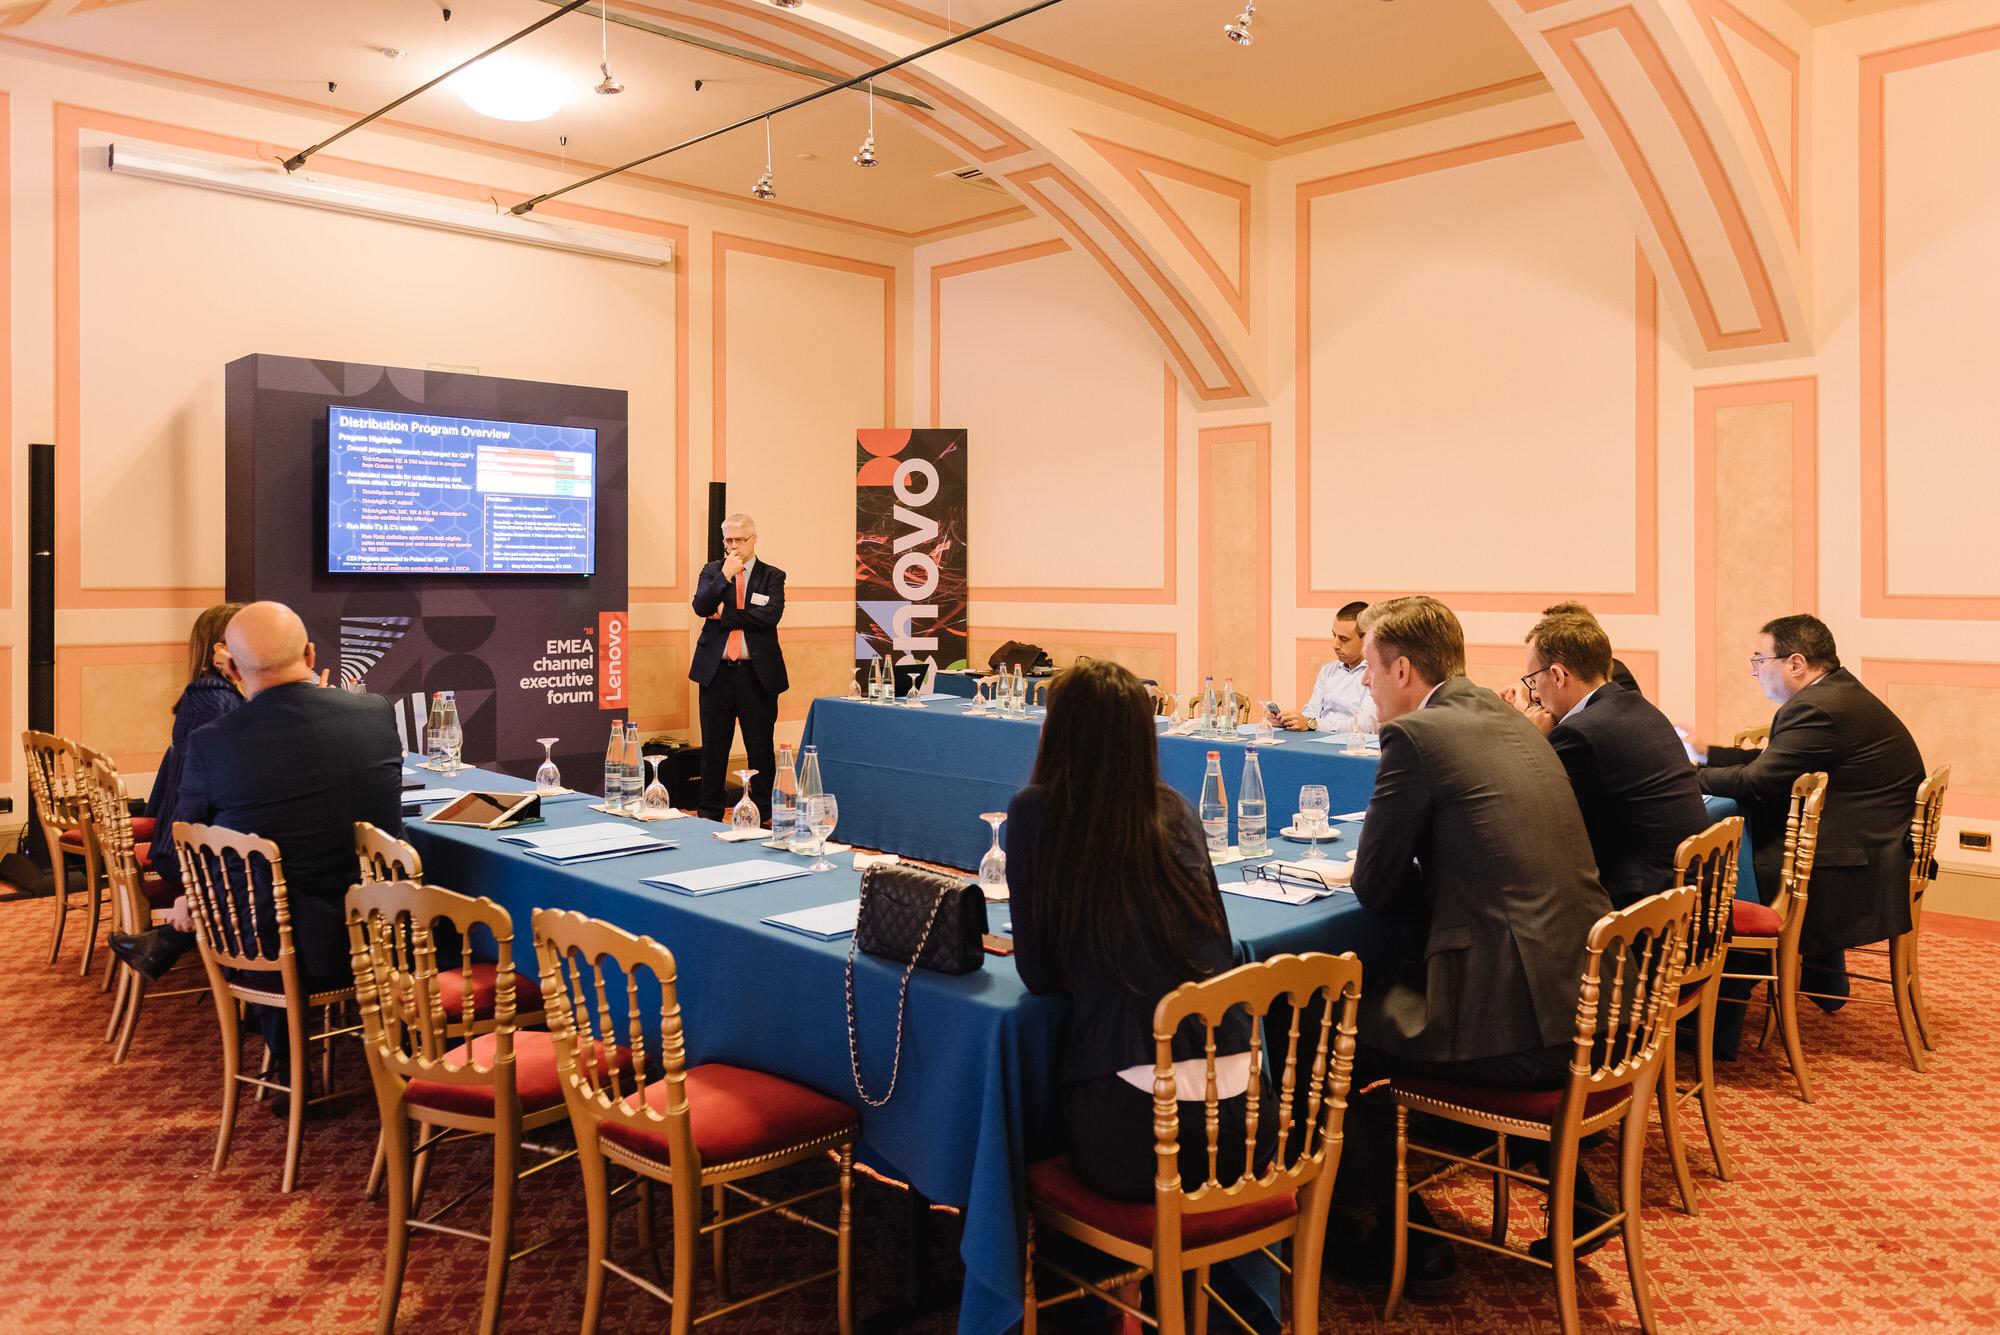 emea-channel-executive-forum-gruppo-peroni-eventi-10